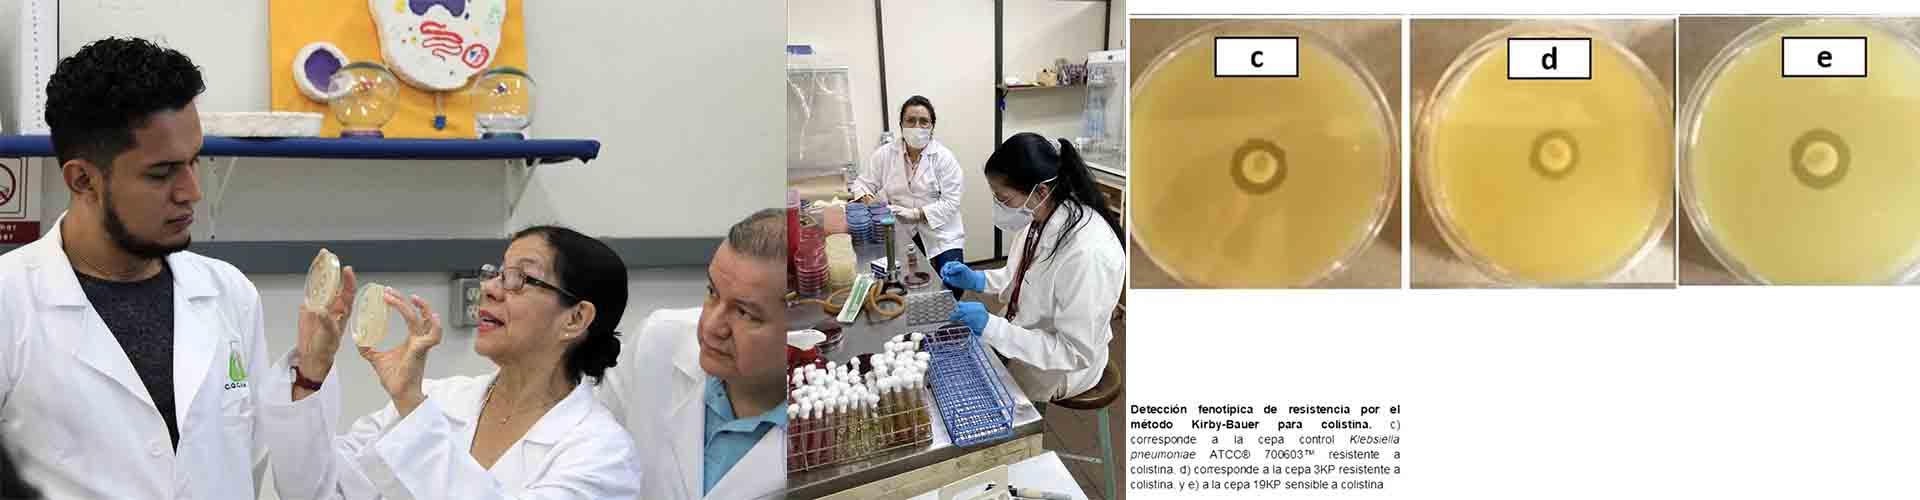 Detectan especialistas del IPN bacterias difíciles de combatir en hospitales